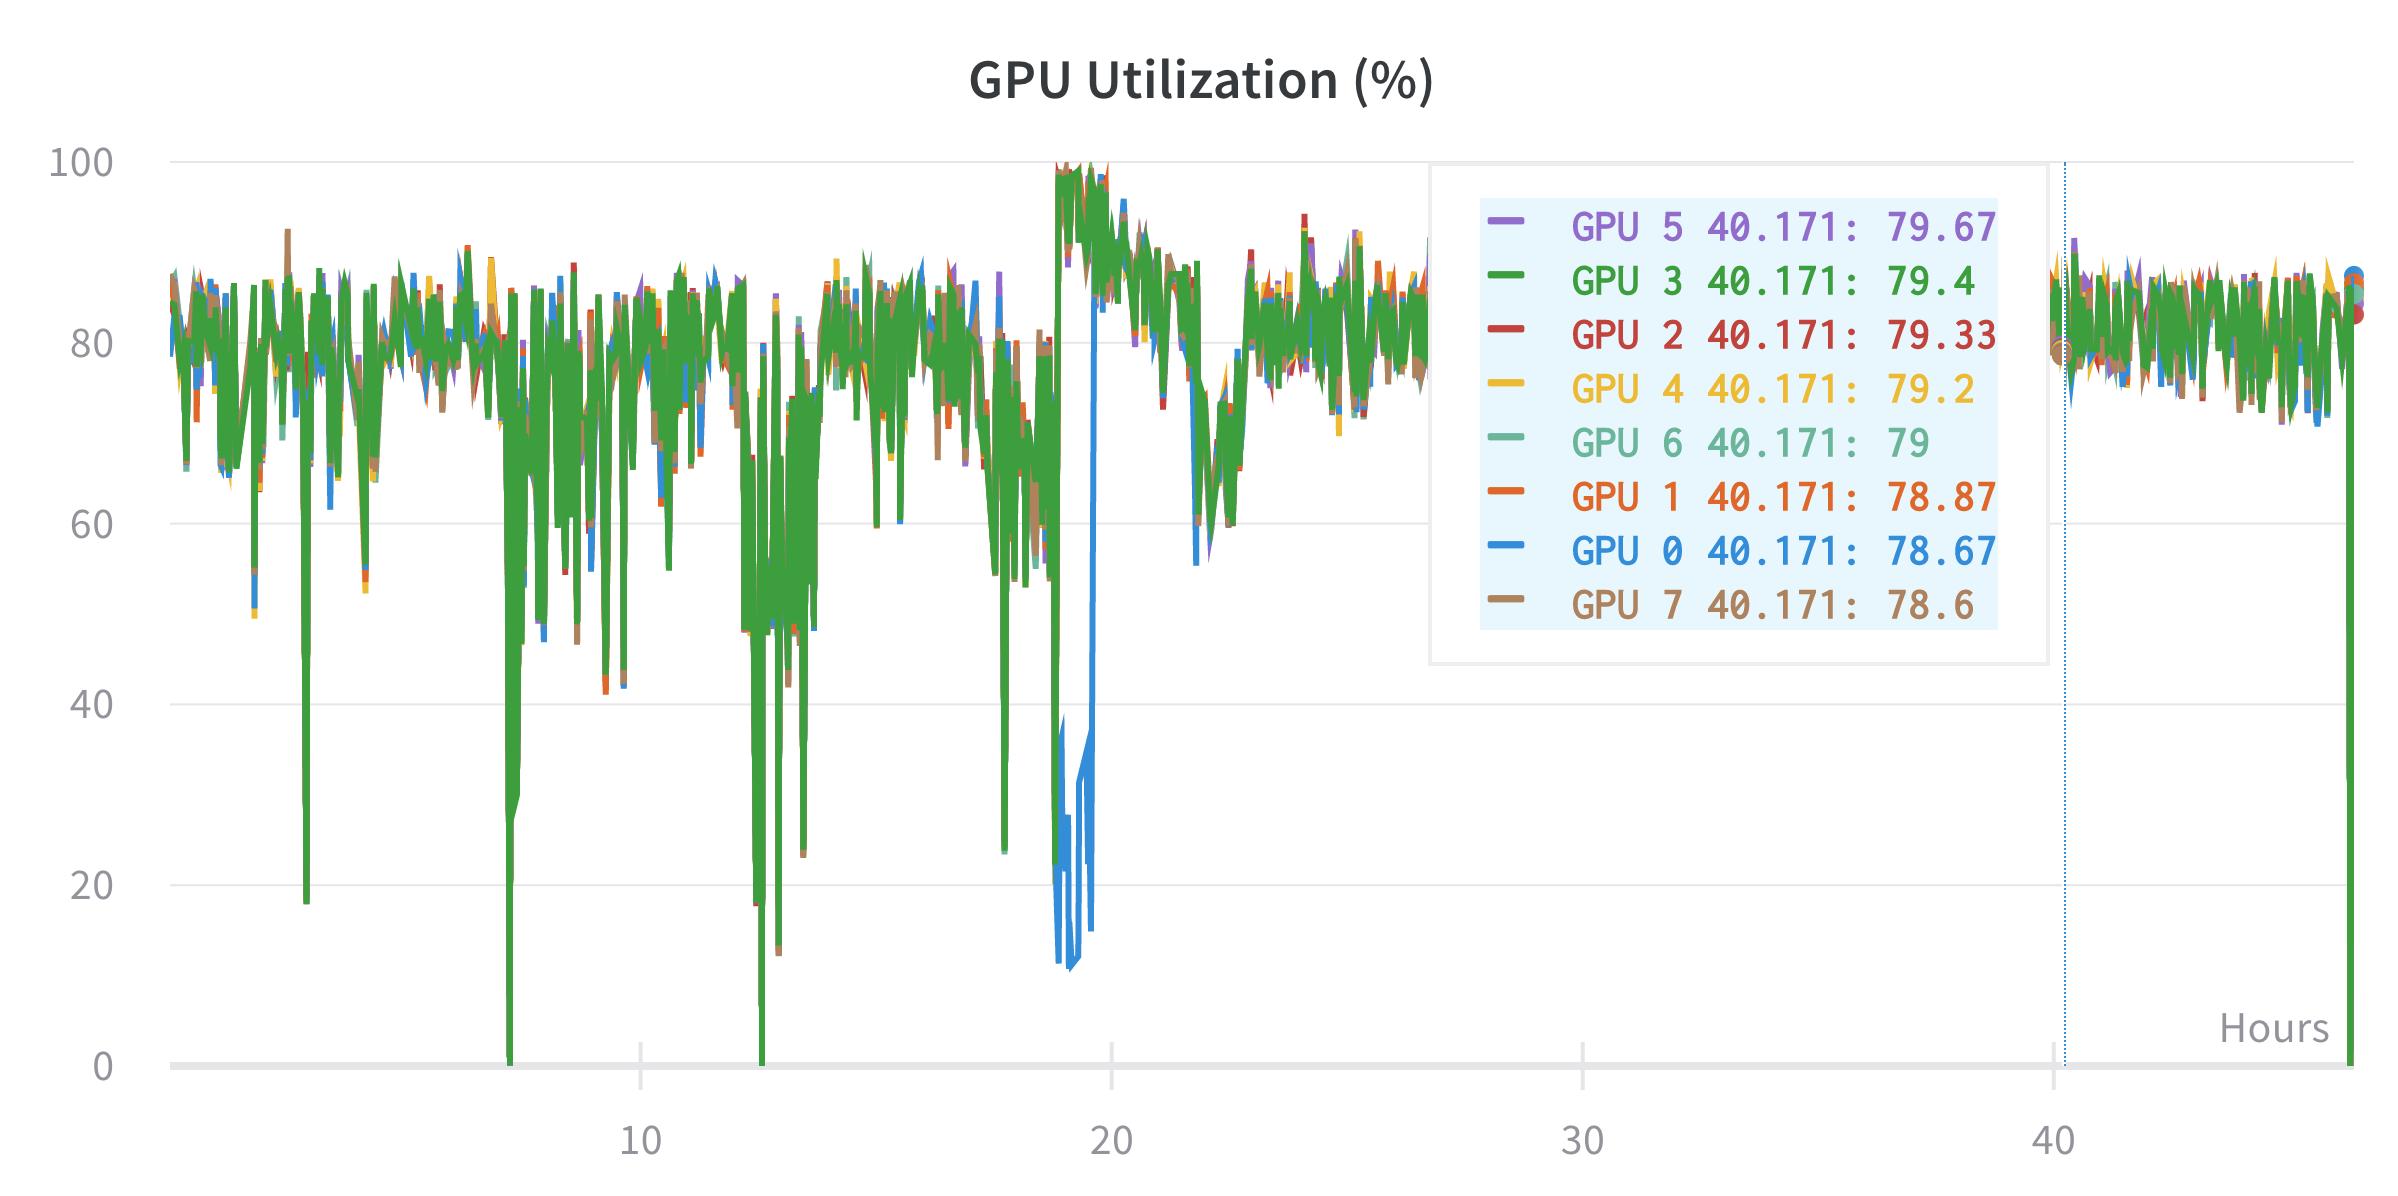 GPU utilization